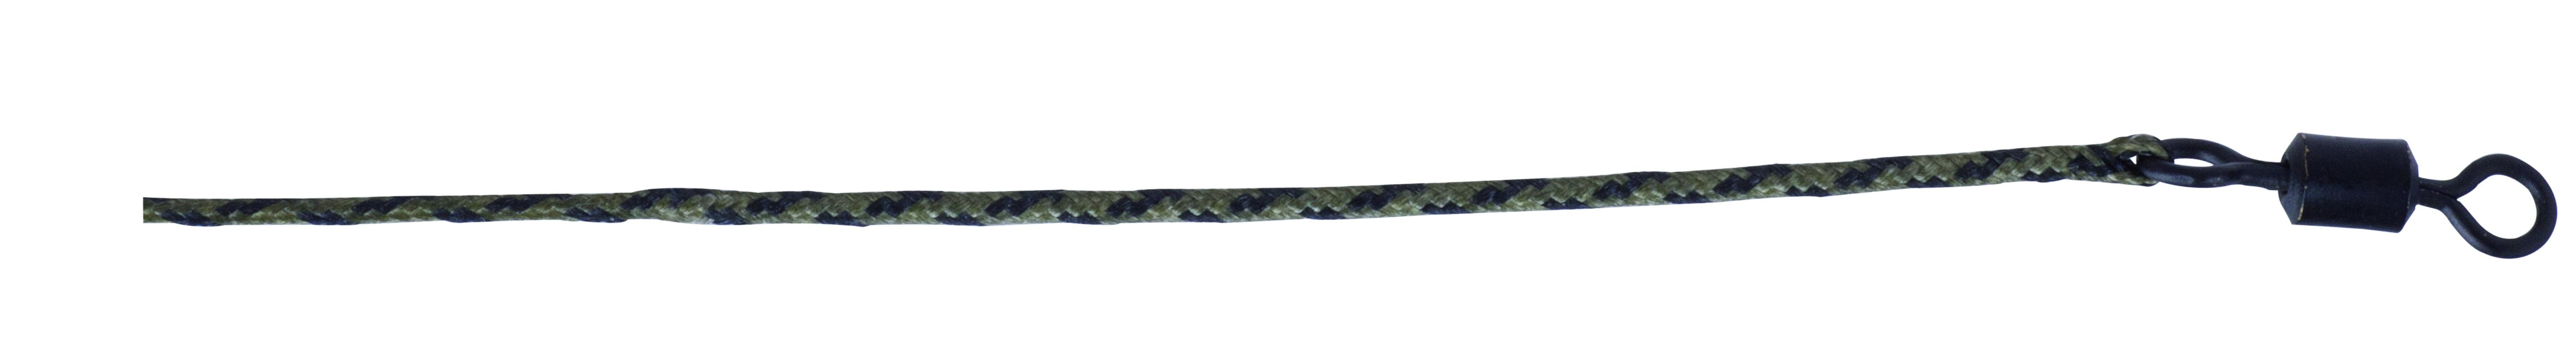 Anaconda olověnka (hotový návazec) 45 lb, 80 cm, 2 ks/bal